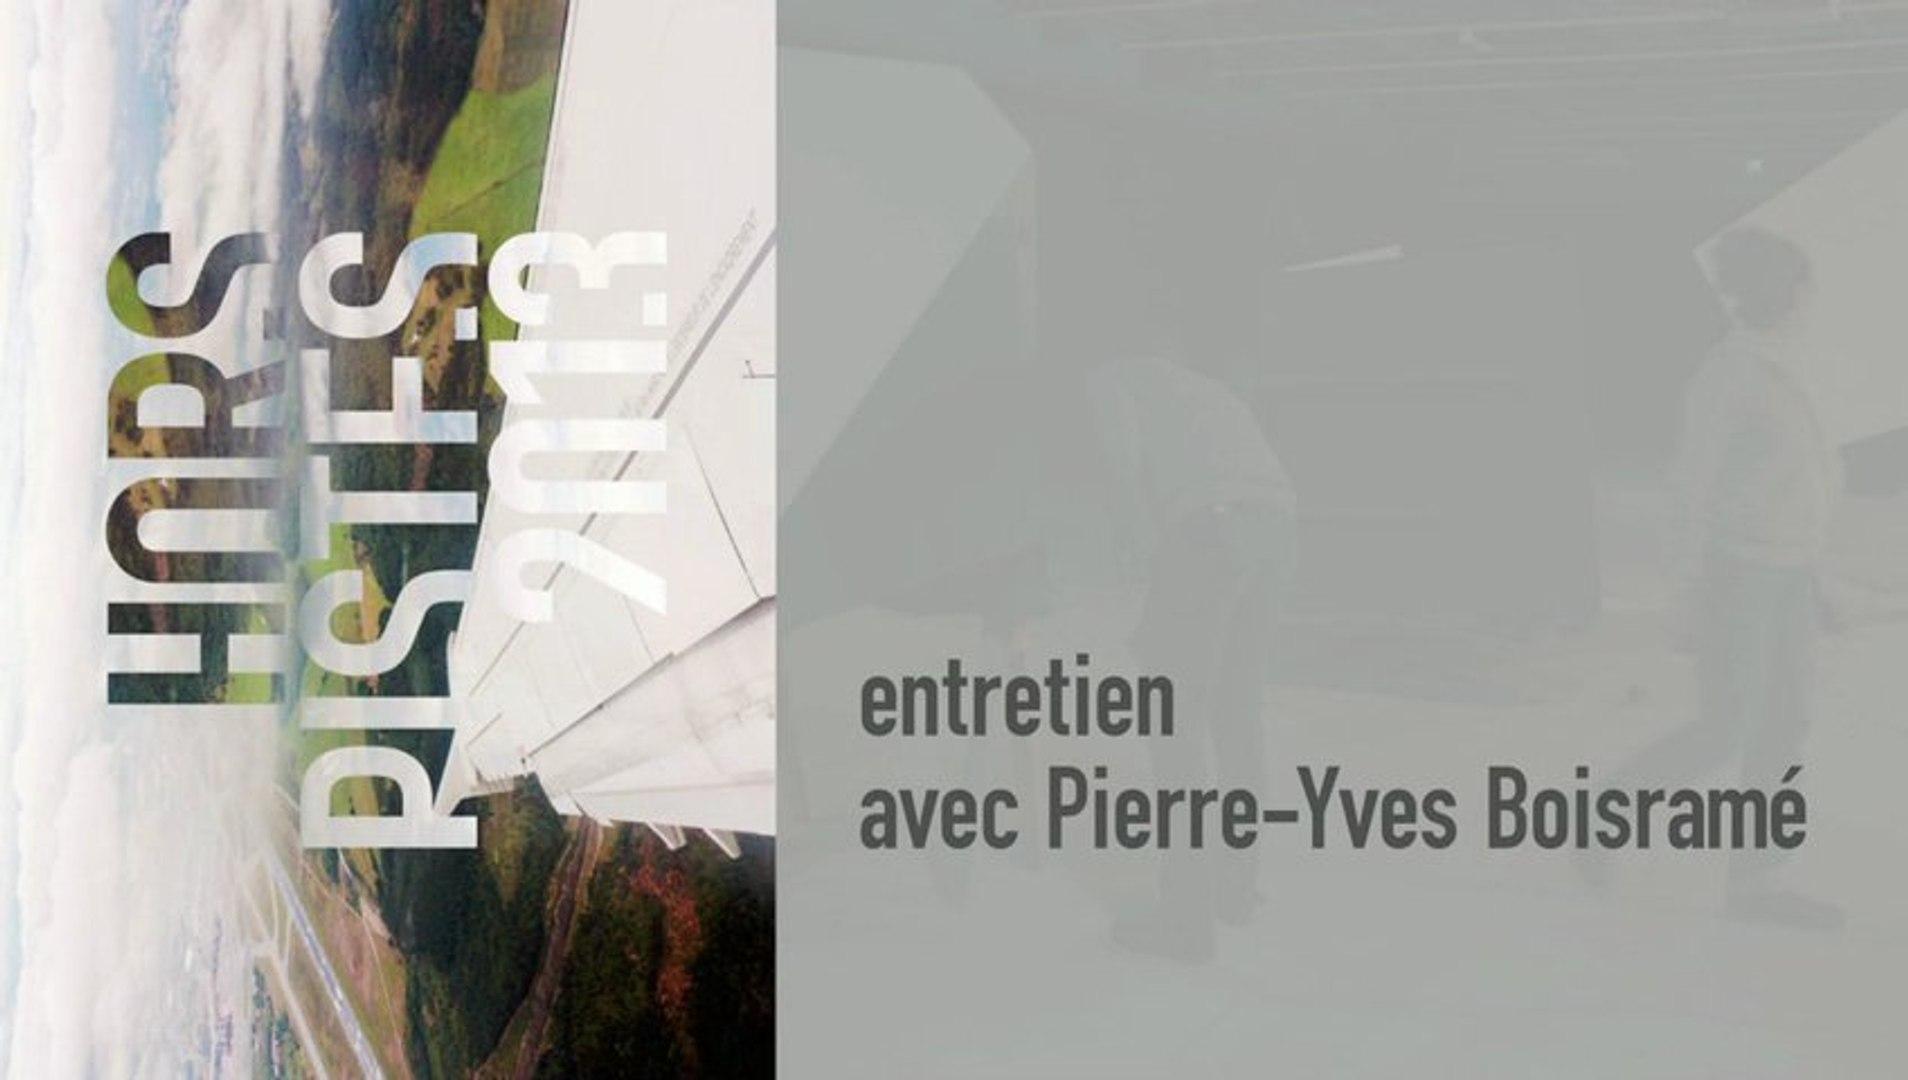 Entretien avec Pierre-Yves Boisramé autour de Hors Pistes 2013 - cycle du 18 janvier 2013 au  3 févr